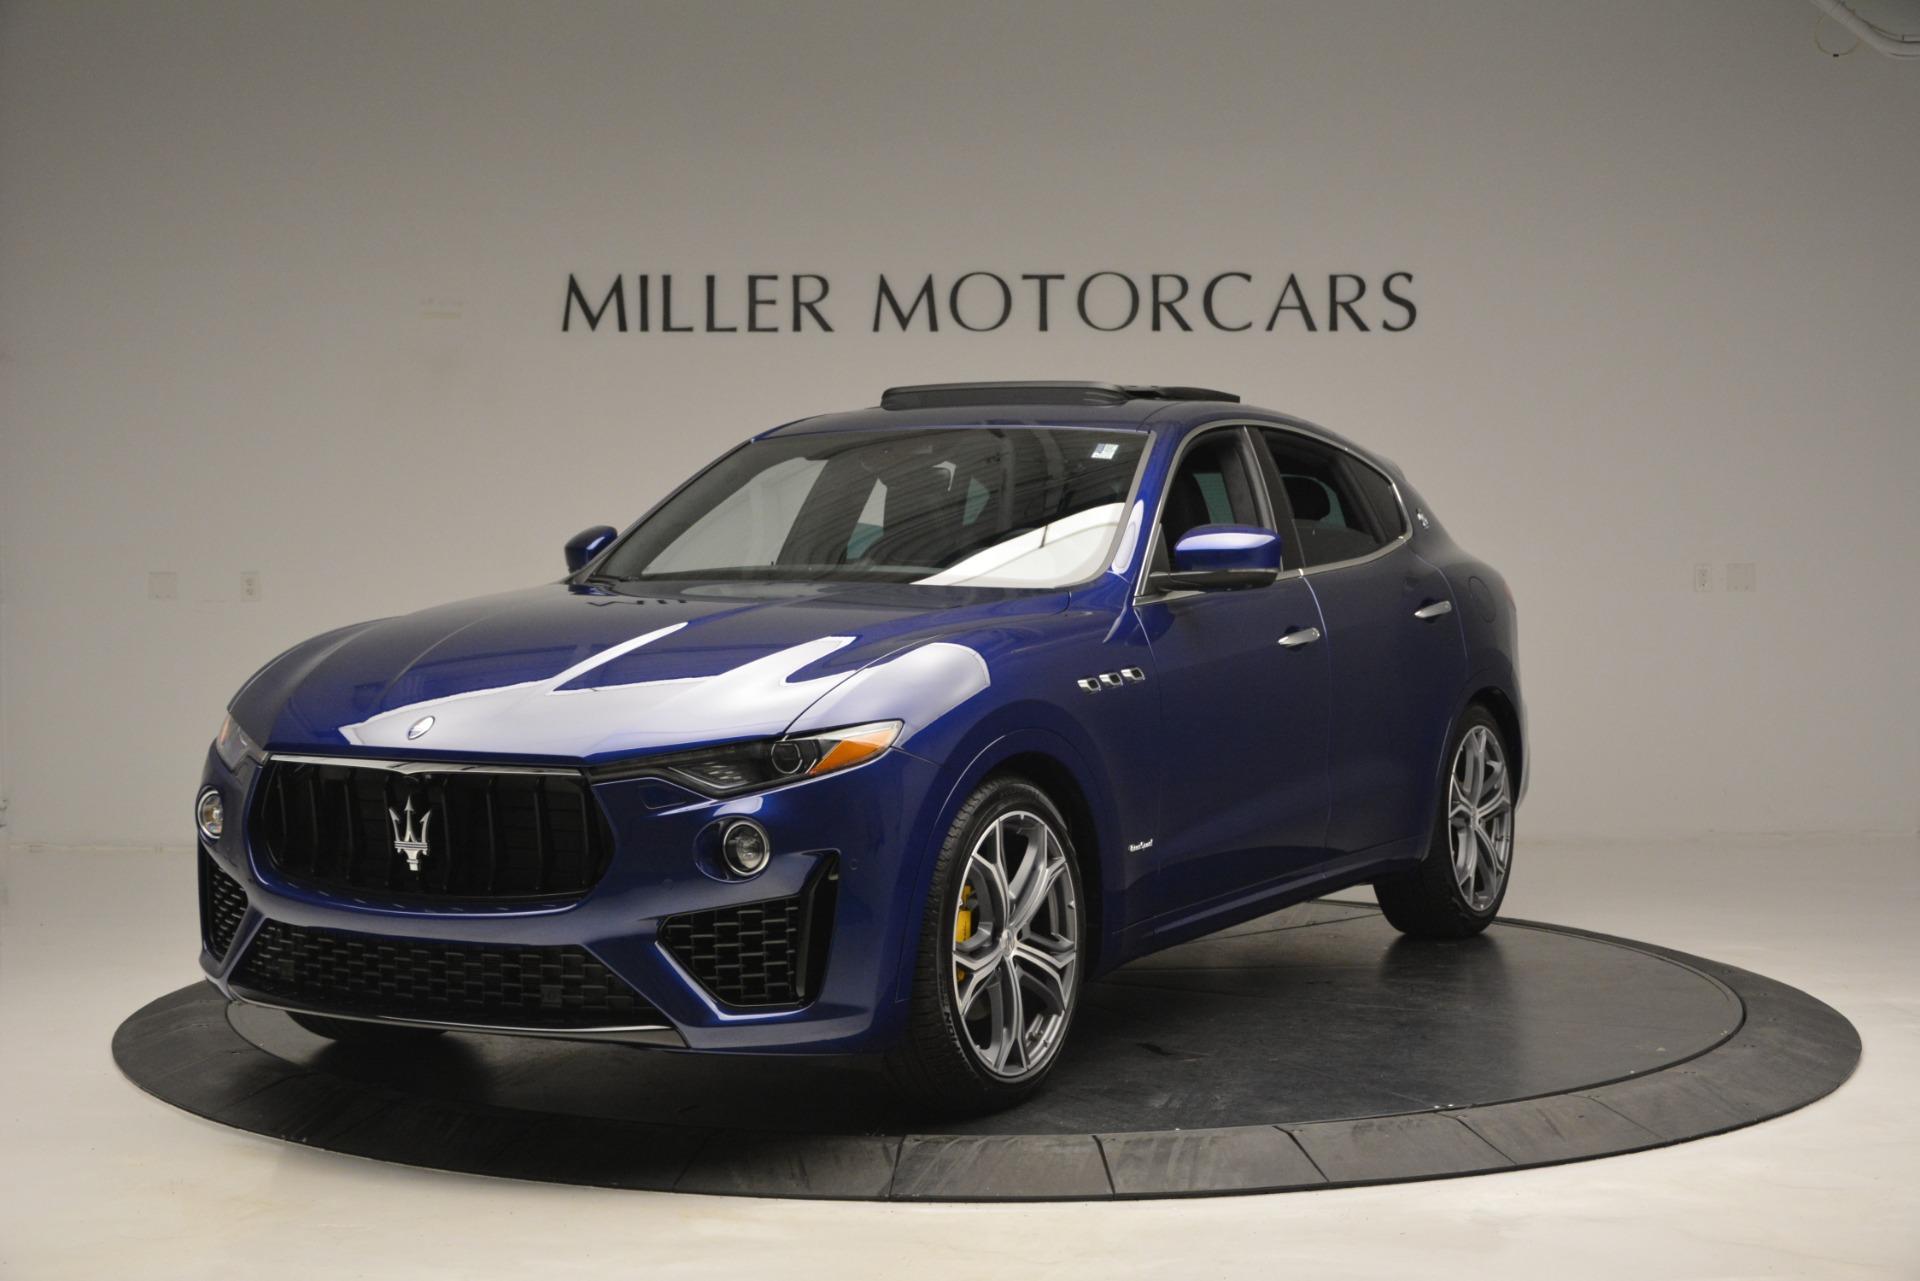 New 2019 Maserati Levante Q4 GranSport For Sale In Westport, CT 2670_main